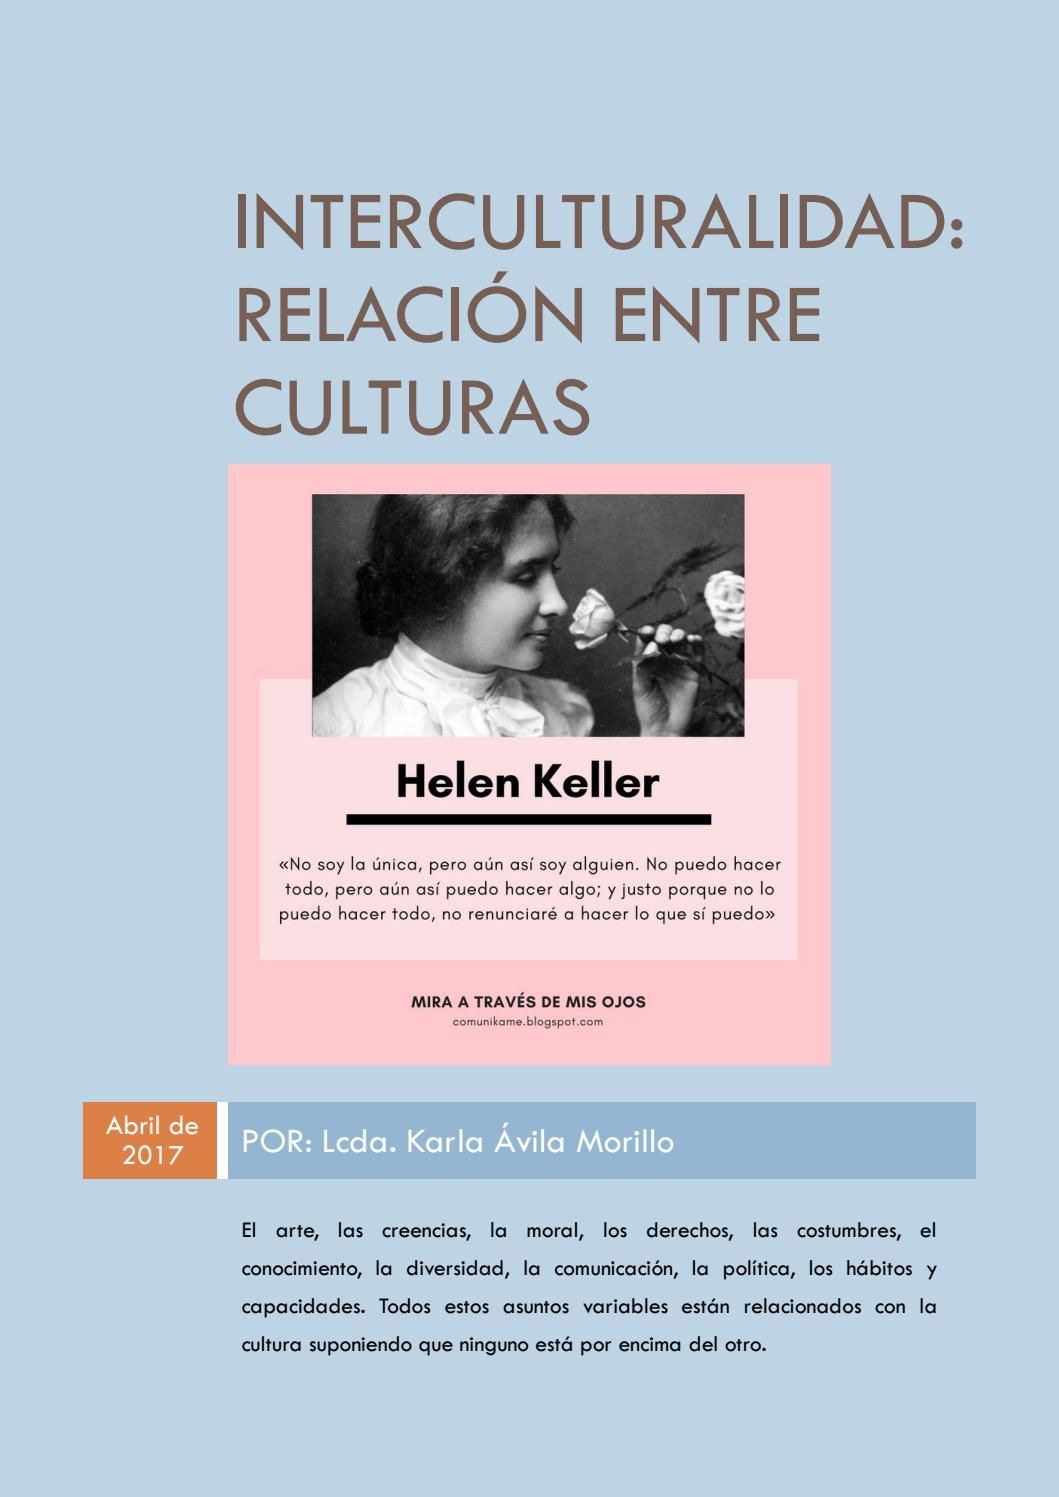 Interculturalidad: Relación entre culturas